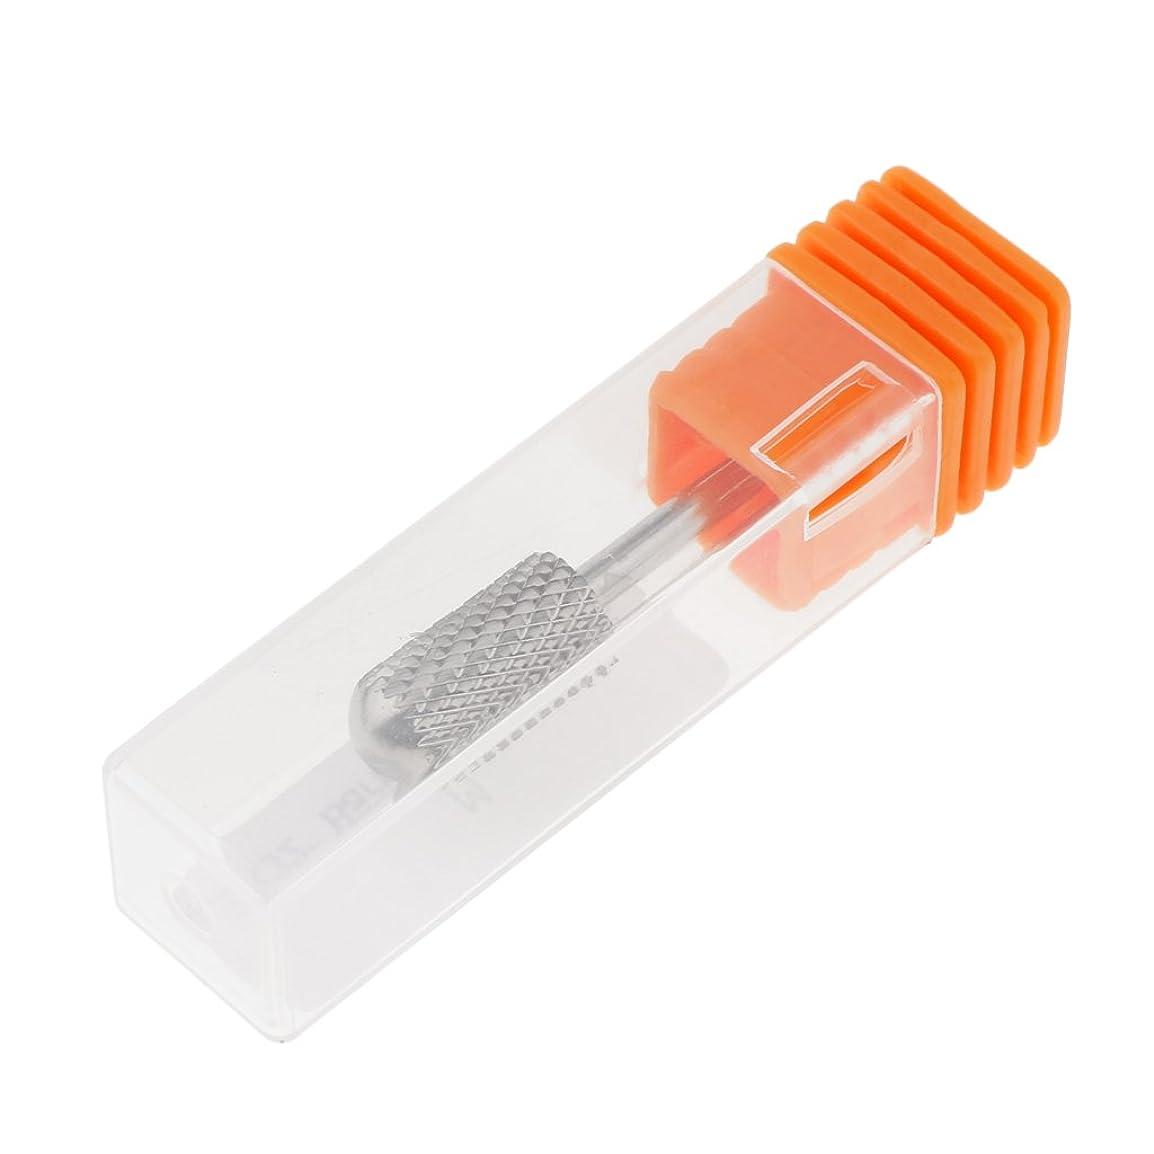 リズミカルな原理疑いPerfk ネイルドリルビット ネイルファイル ネイルアート リムーバー 切削性能 耐久性 全4タイプ - G12-M